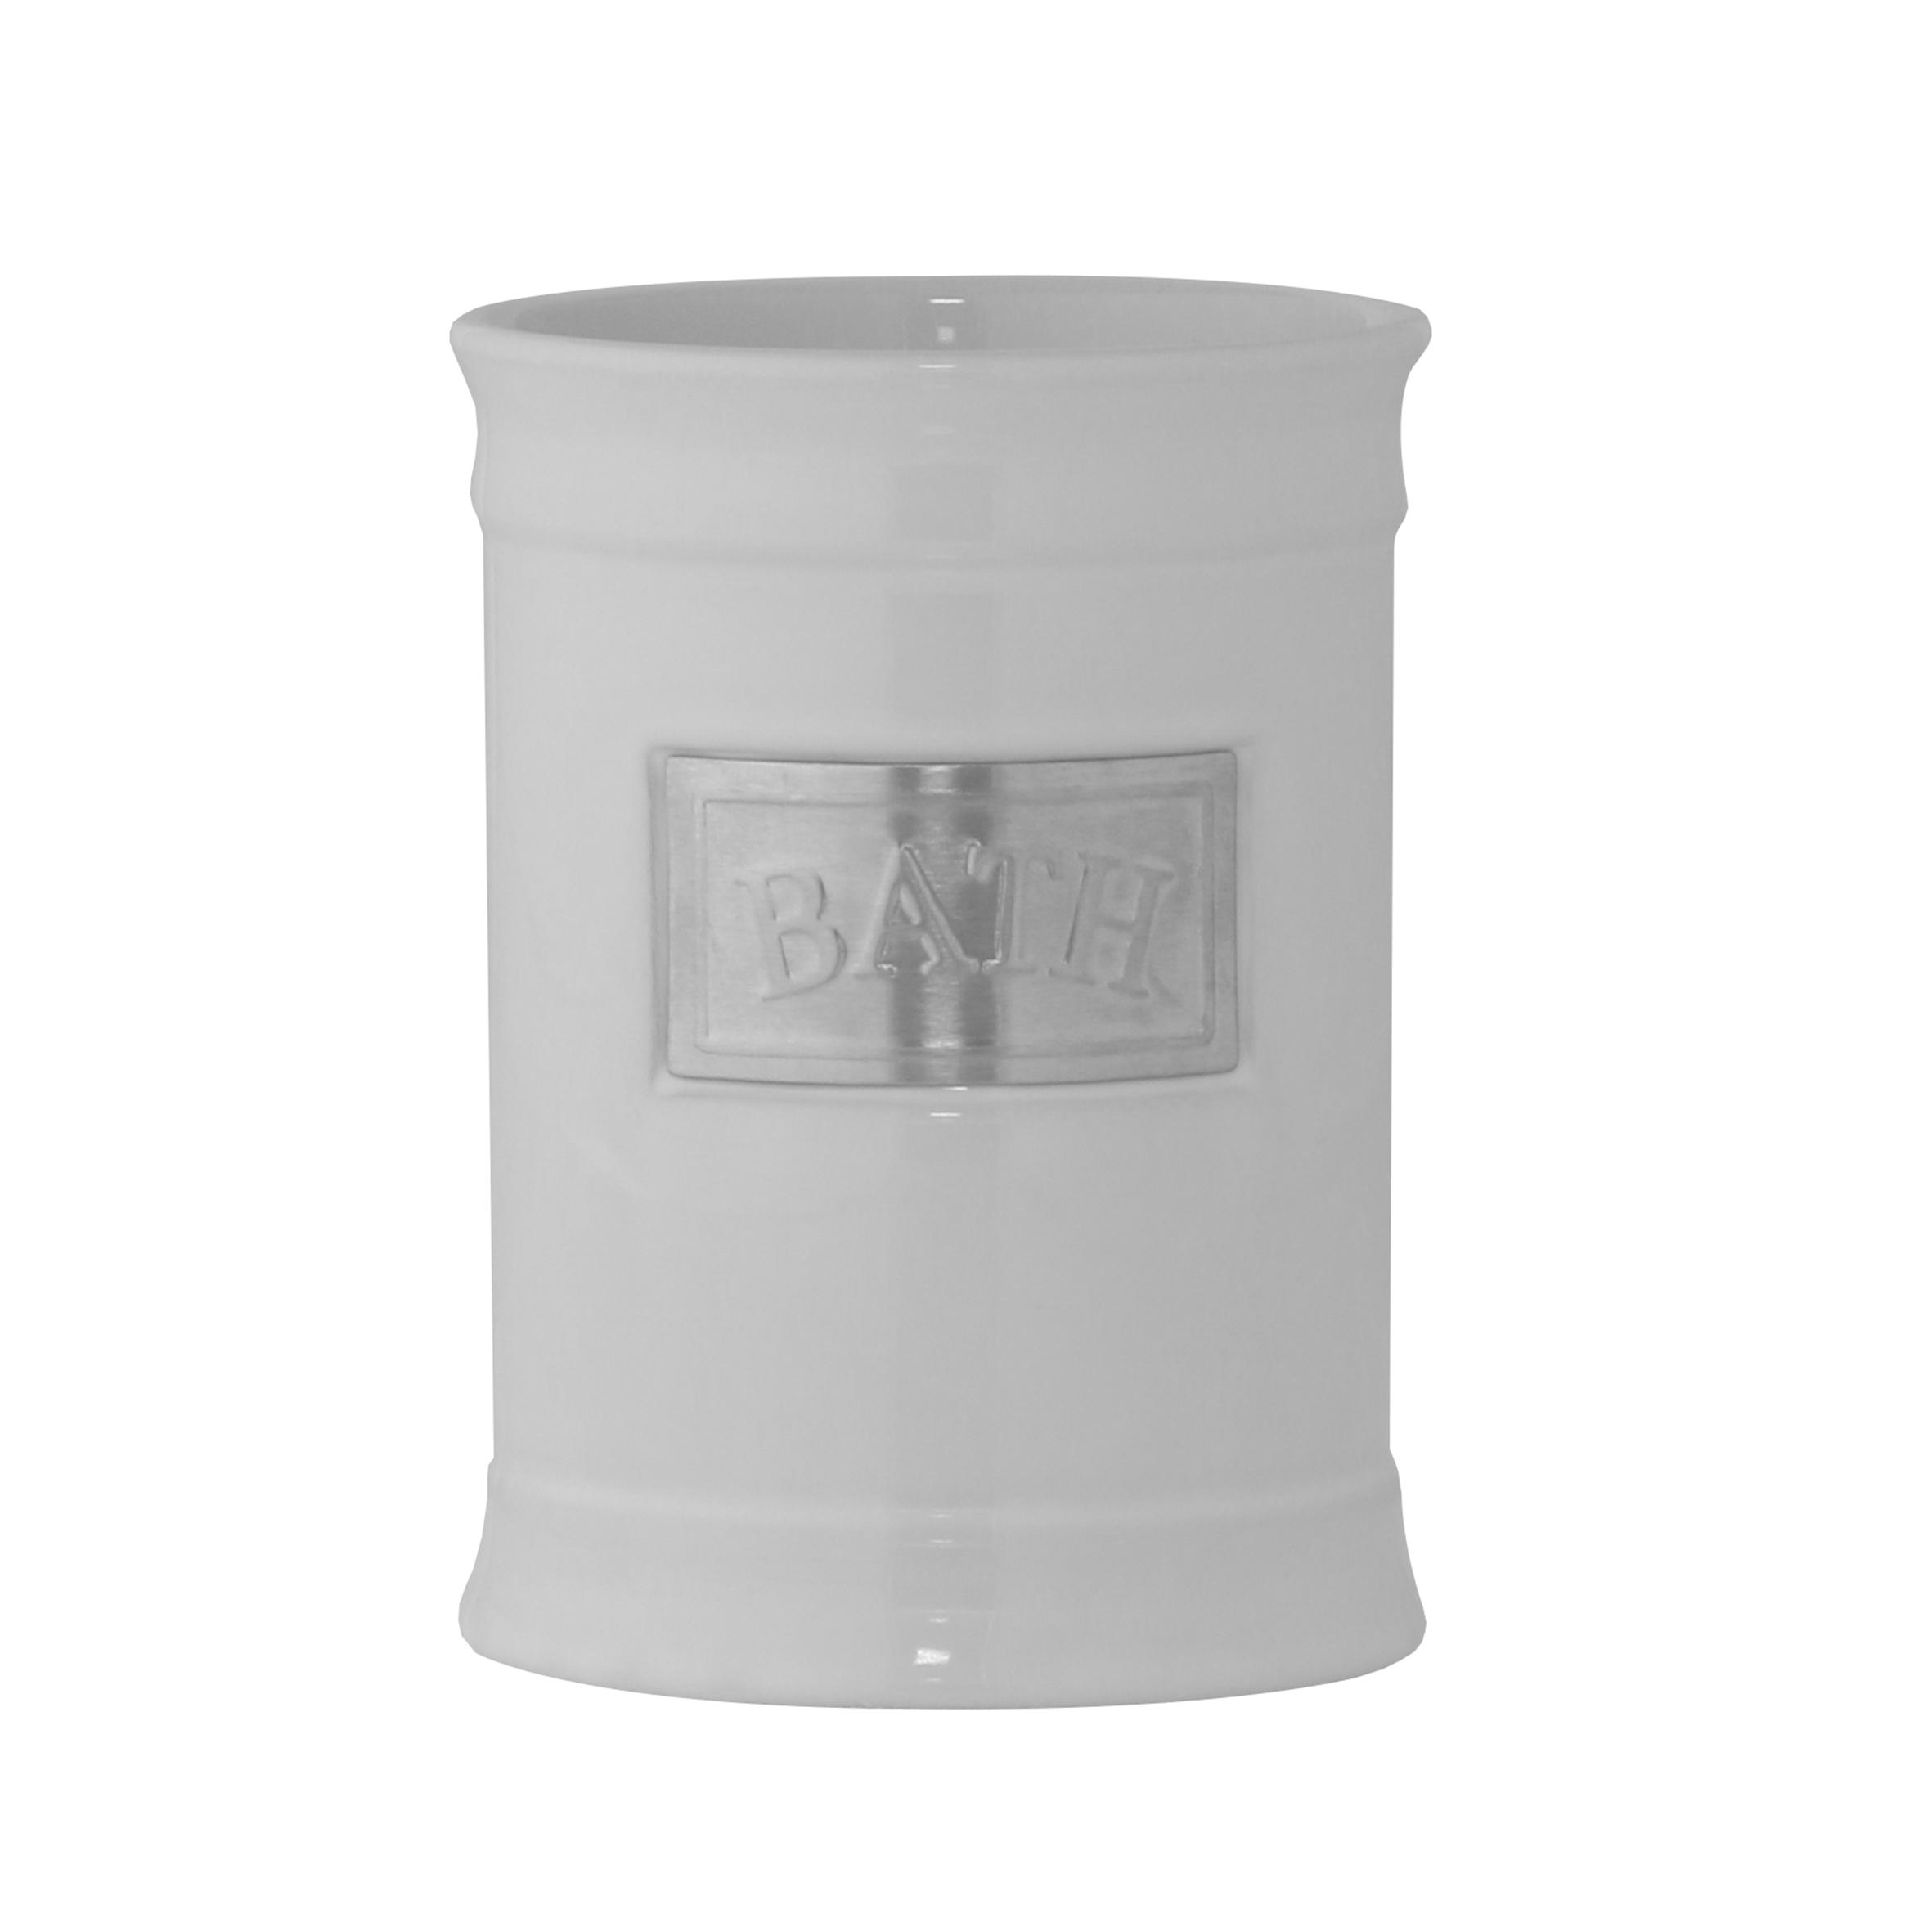 Стакан для ванной комнаты Axentia Lyon, высота 11,5 см122424Стакан для ванной комнаты Axentia Lyon выполнен из белоснежной керамики с элементами из нержавеющей стали в античном стиле. Изделие отлично подойдет для любого интерьера ванной комнаты. Высота стакана: 11,5 см. Диаметр стакана (по верхнему краю): 8,5 см.